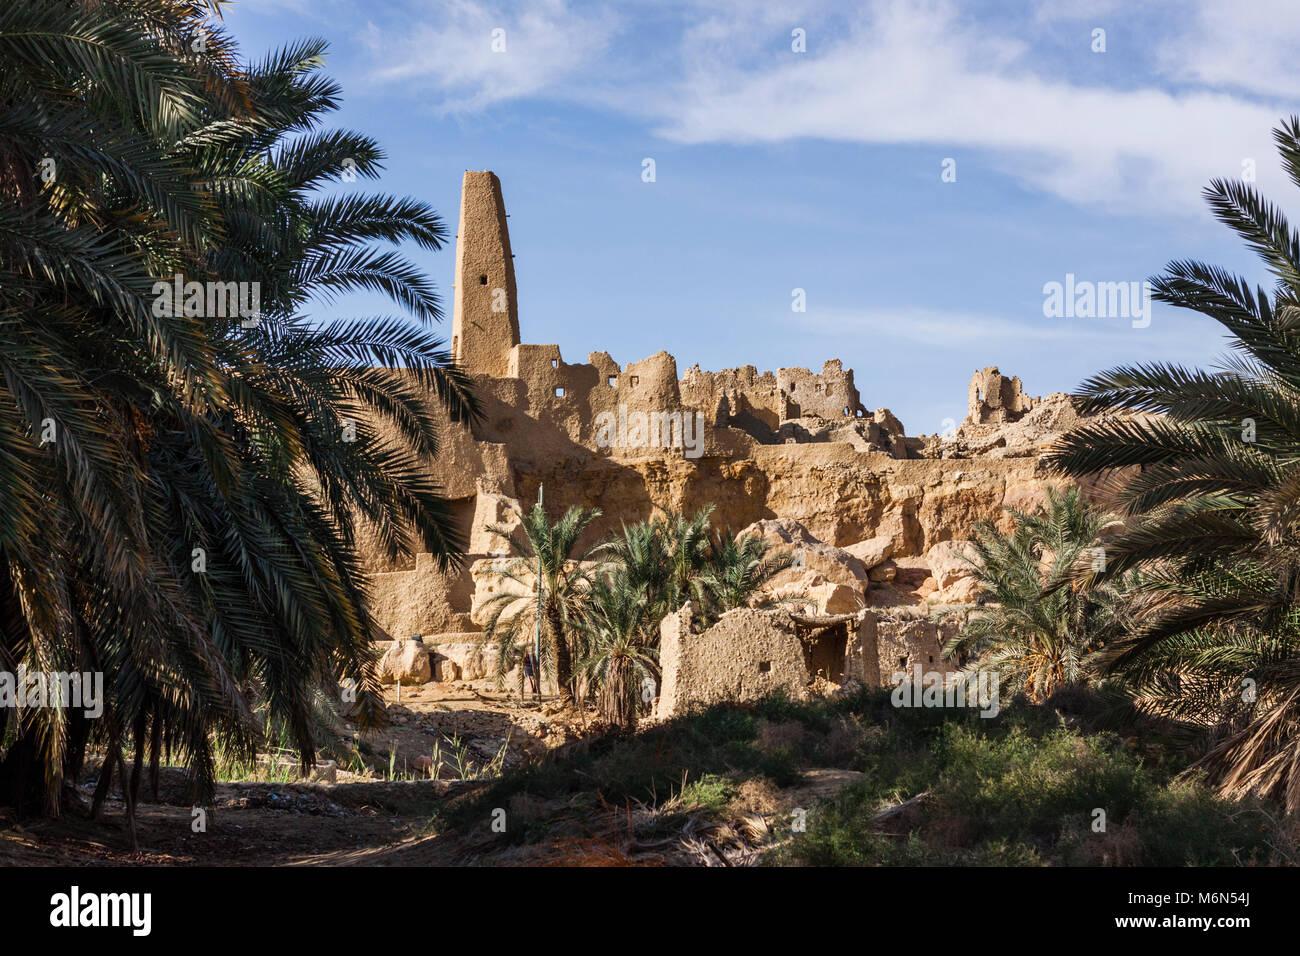 Resti del tempio di Oracle di Ammun e moschea al villaggio di Aghurmi. Oasi di Siwa, Egitto Foto Stock